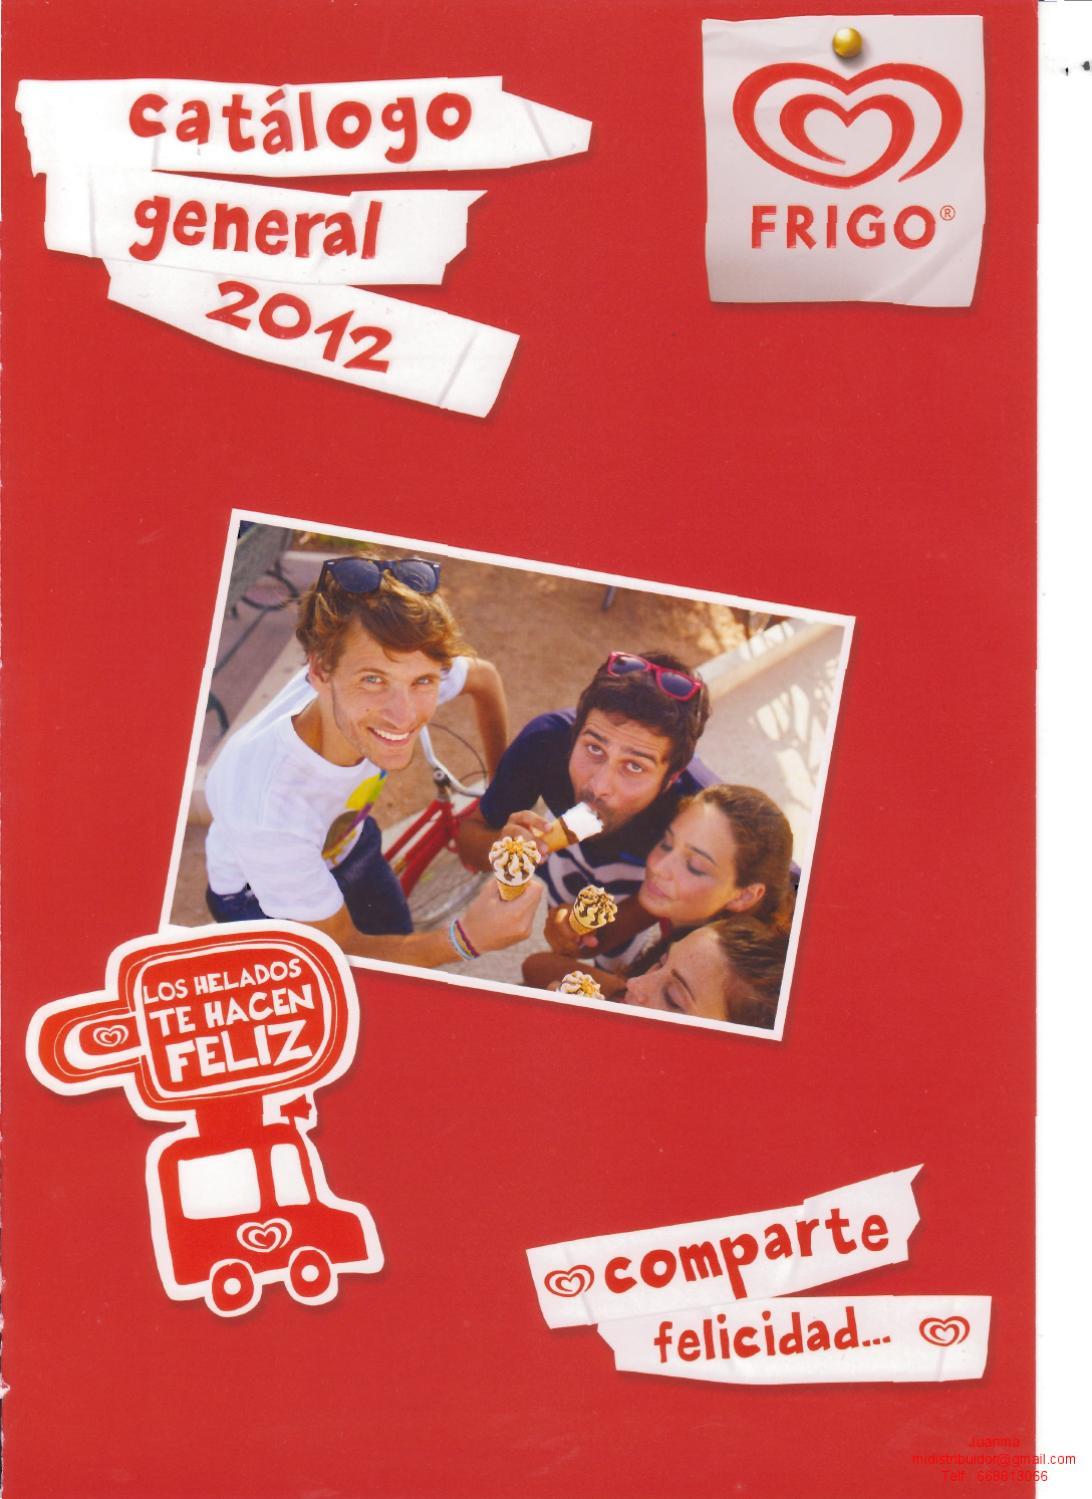 Catalogo general Frigo 2012 by Juanma Mi Distribuidor